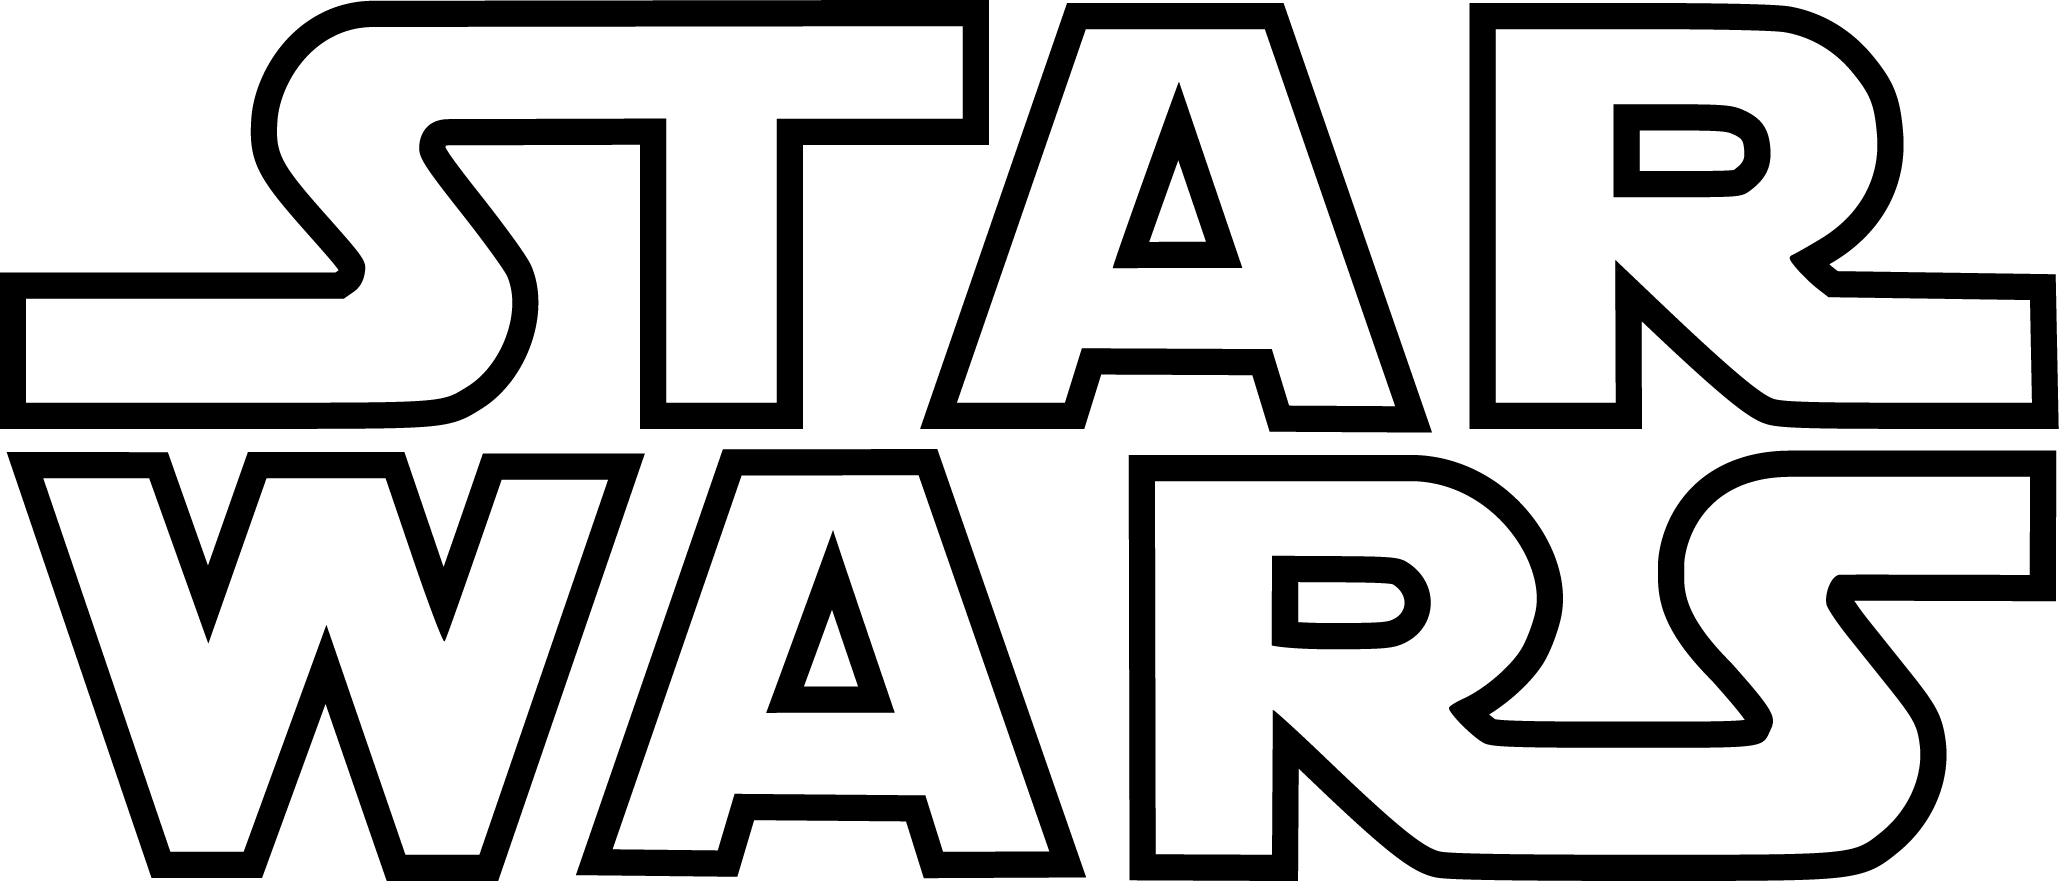 HD Star Wars Logo [starwars.